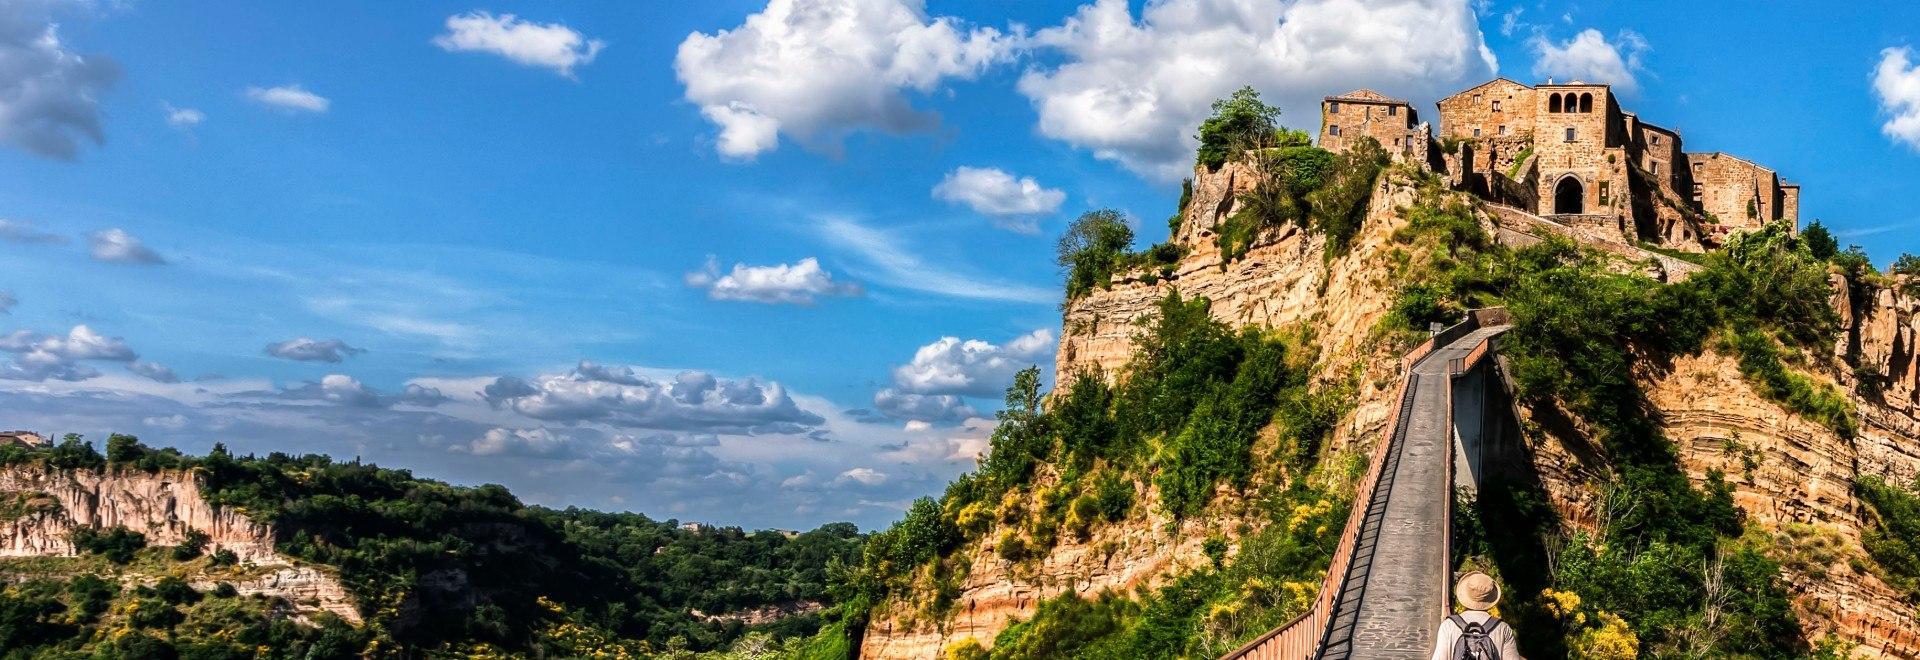 Toscana: residenza d'Arte